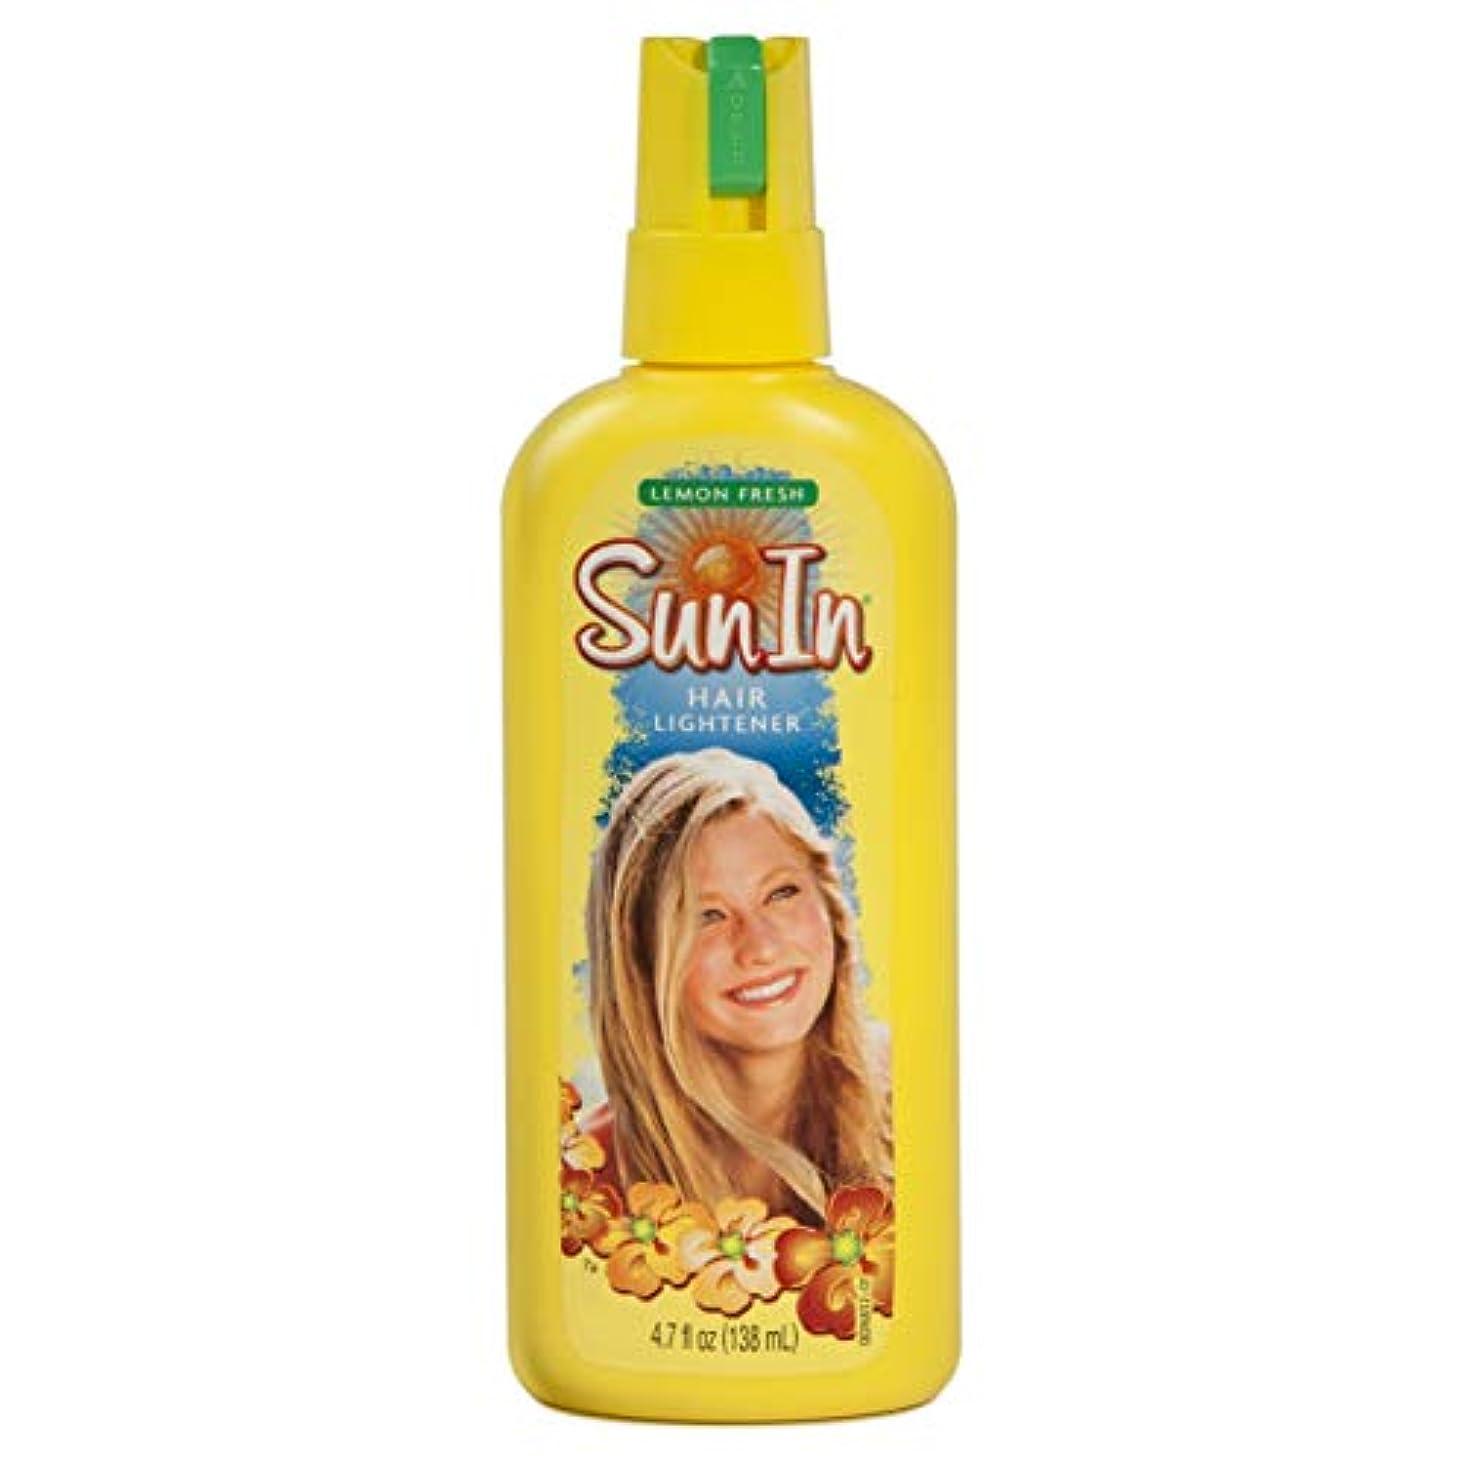 発言する自伝超えて海外直送品Sun-In Sun-In Hair Lightener Spray Lemon Fresh, Lemon Fresh 4.7 oz